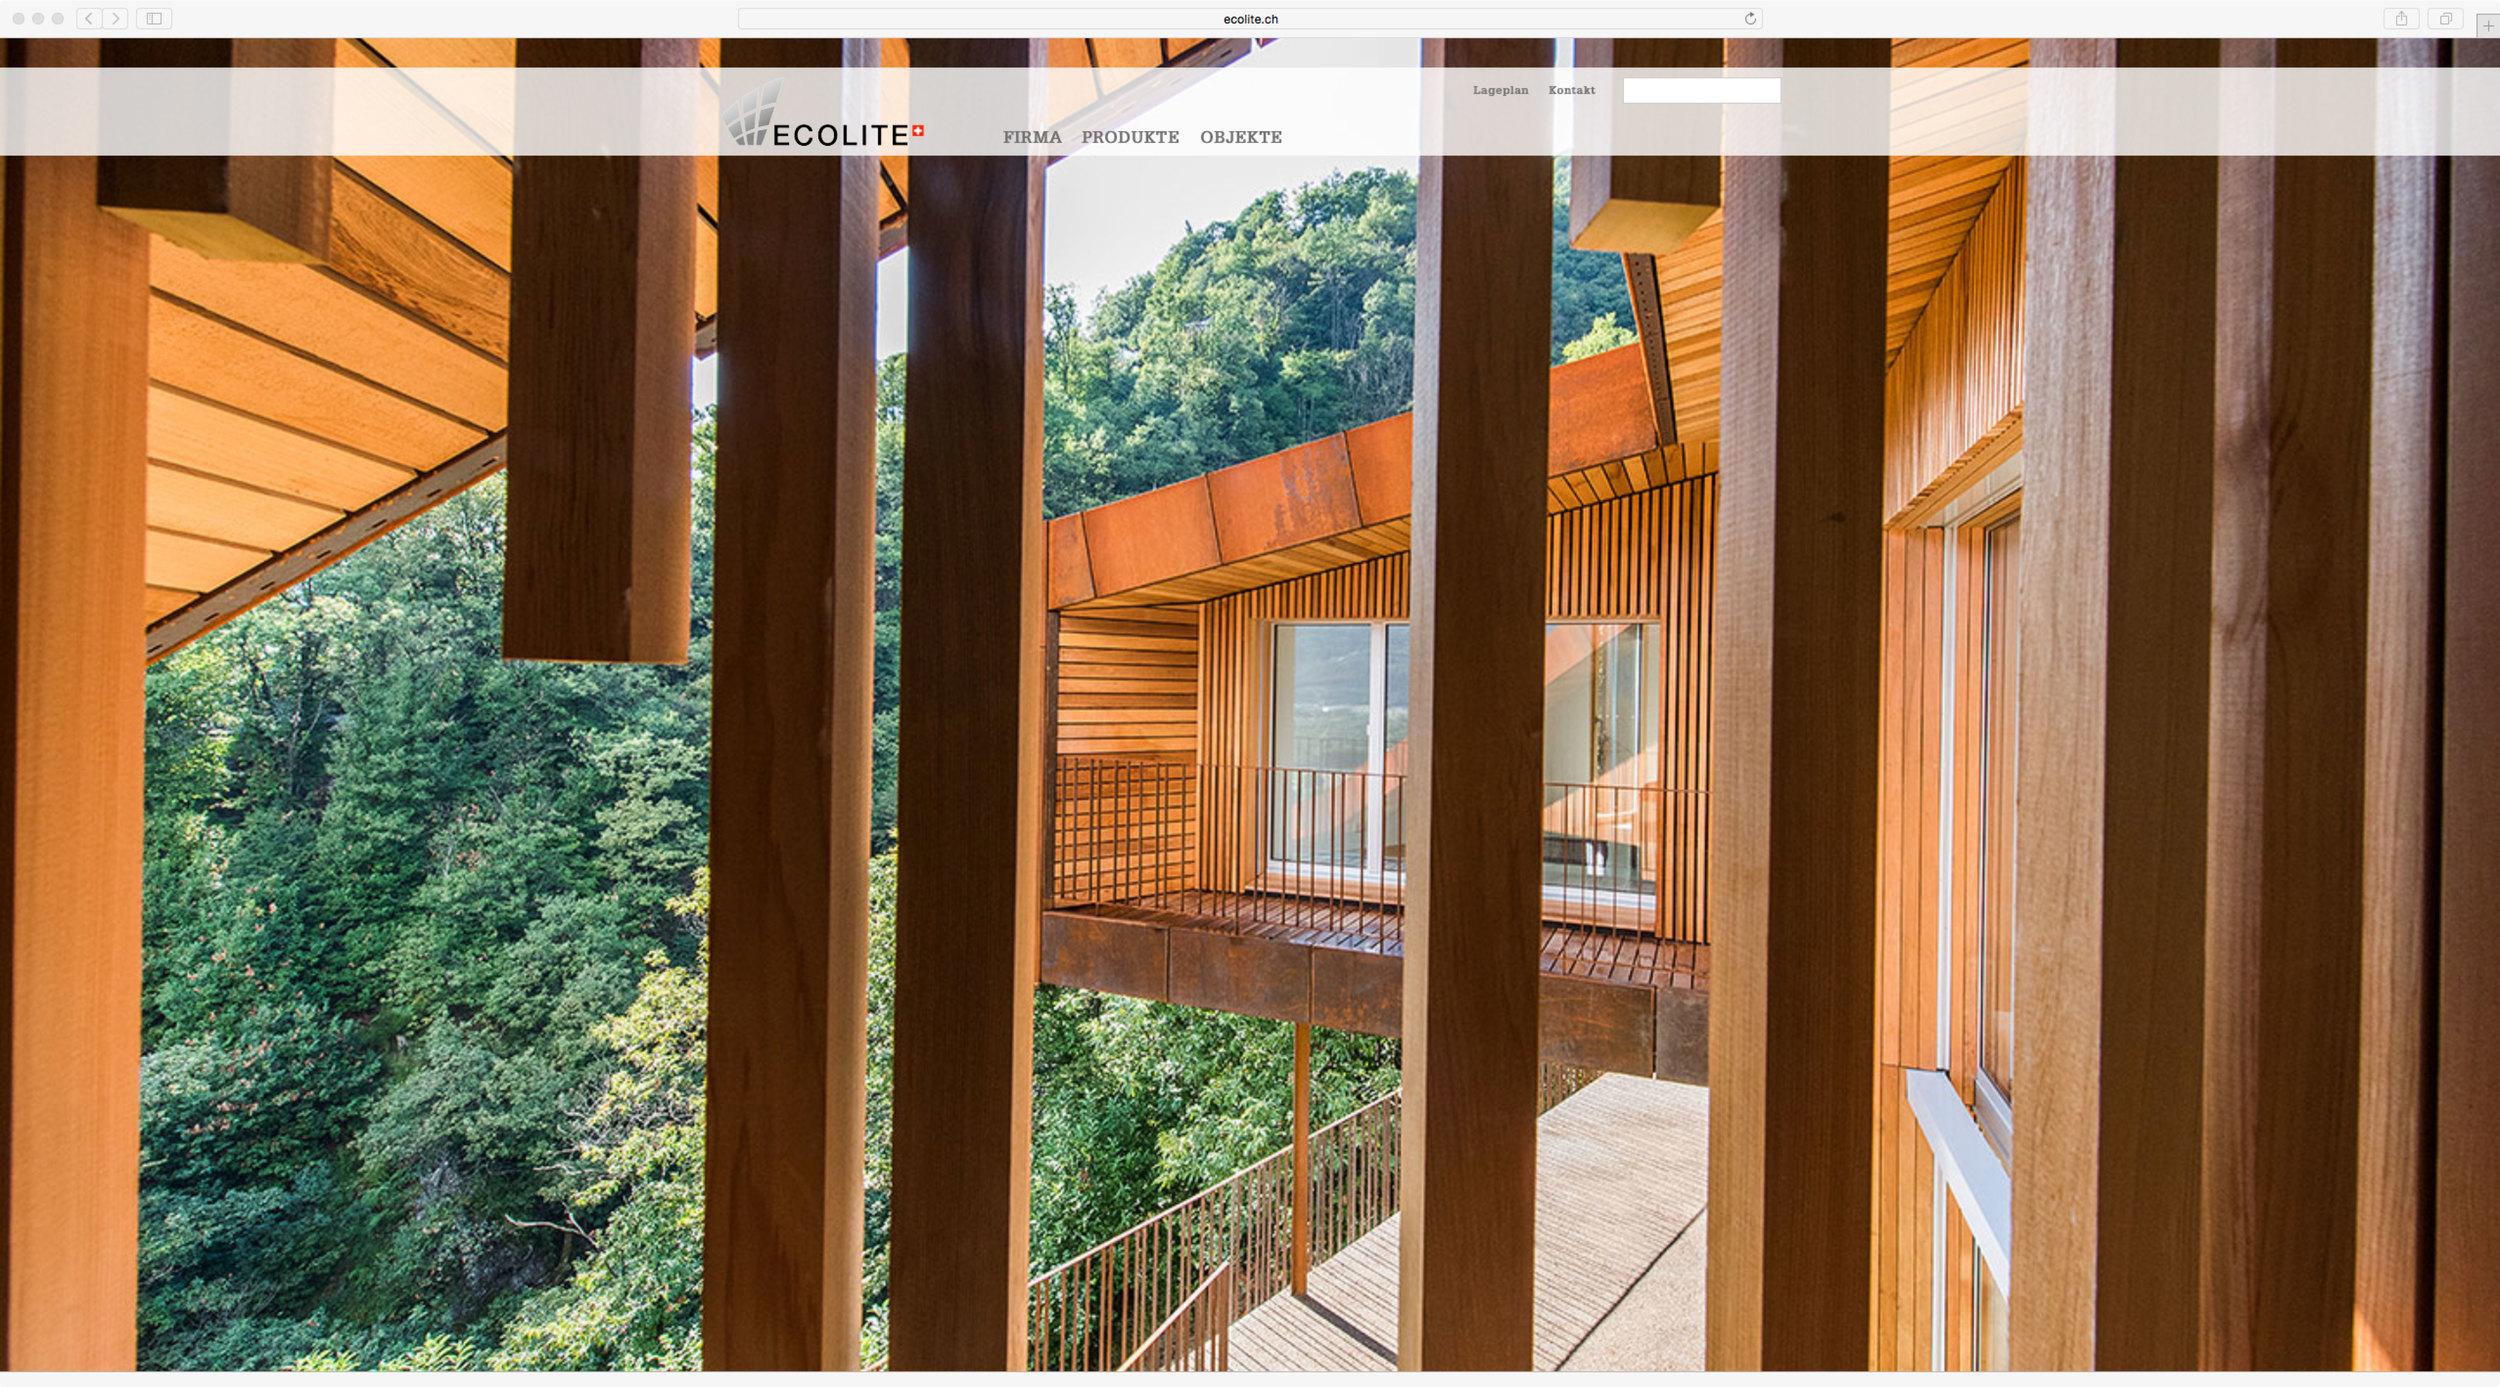 neue homepage von ecolite by 720 grad webdesign Schaffhausen